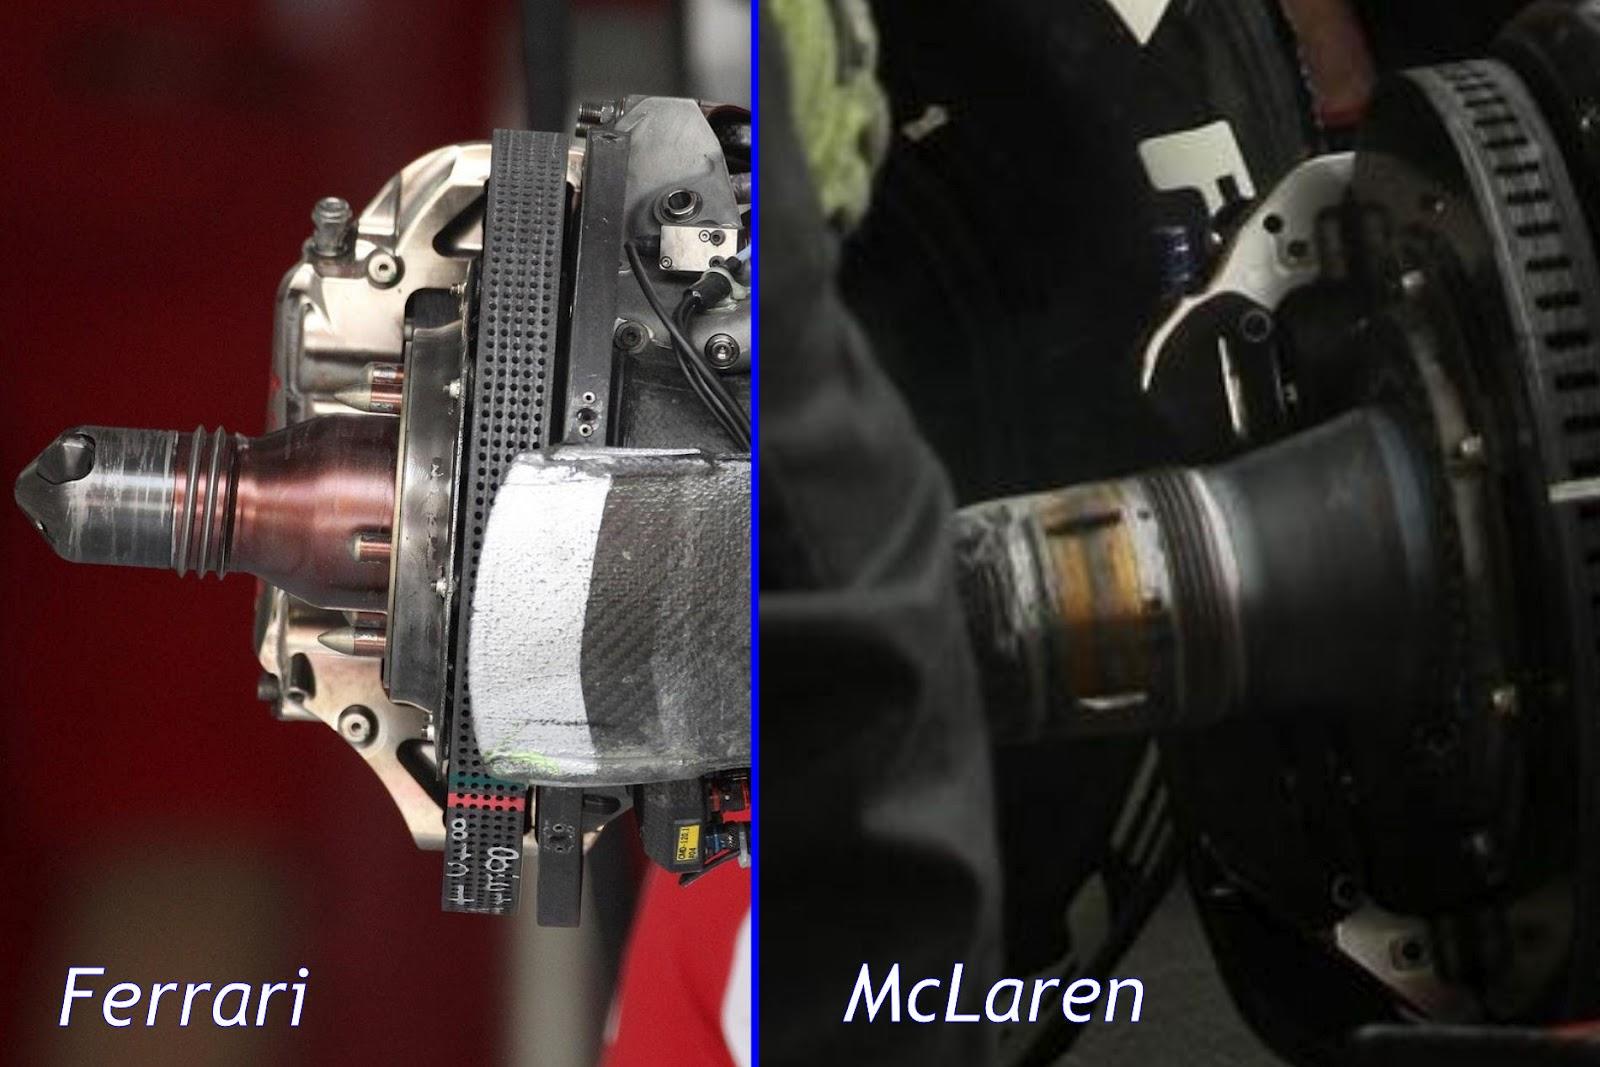 Algumas equipes chegaram a extremos nos projetos de seus eixos visando ganhar cada milésimo nos pit stops, como o caso da Ferrari onde apenas três fios de rosca existem para manter a porca em seu lugar. Fonte: Matt Somers F1 [5].